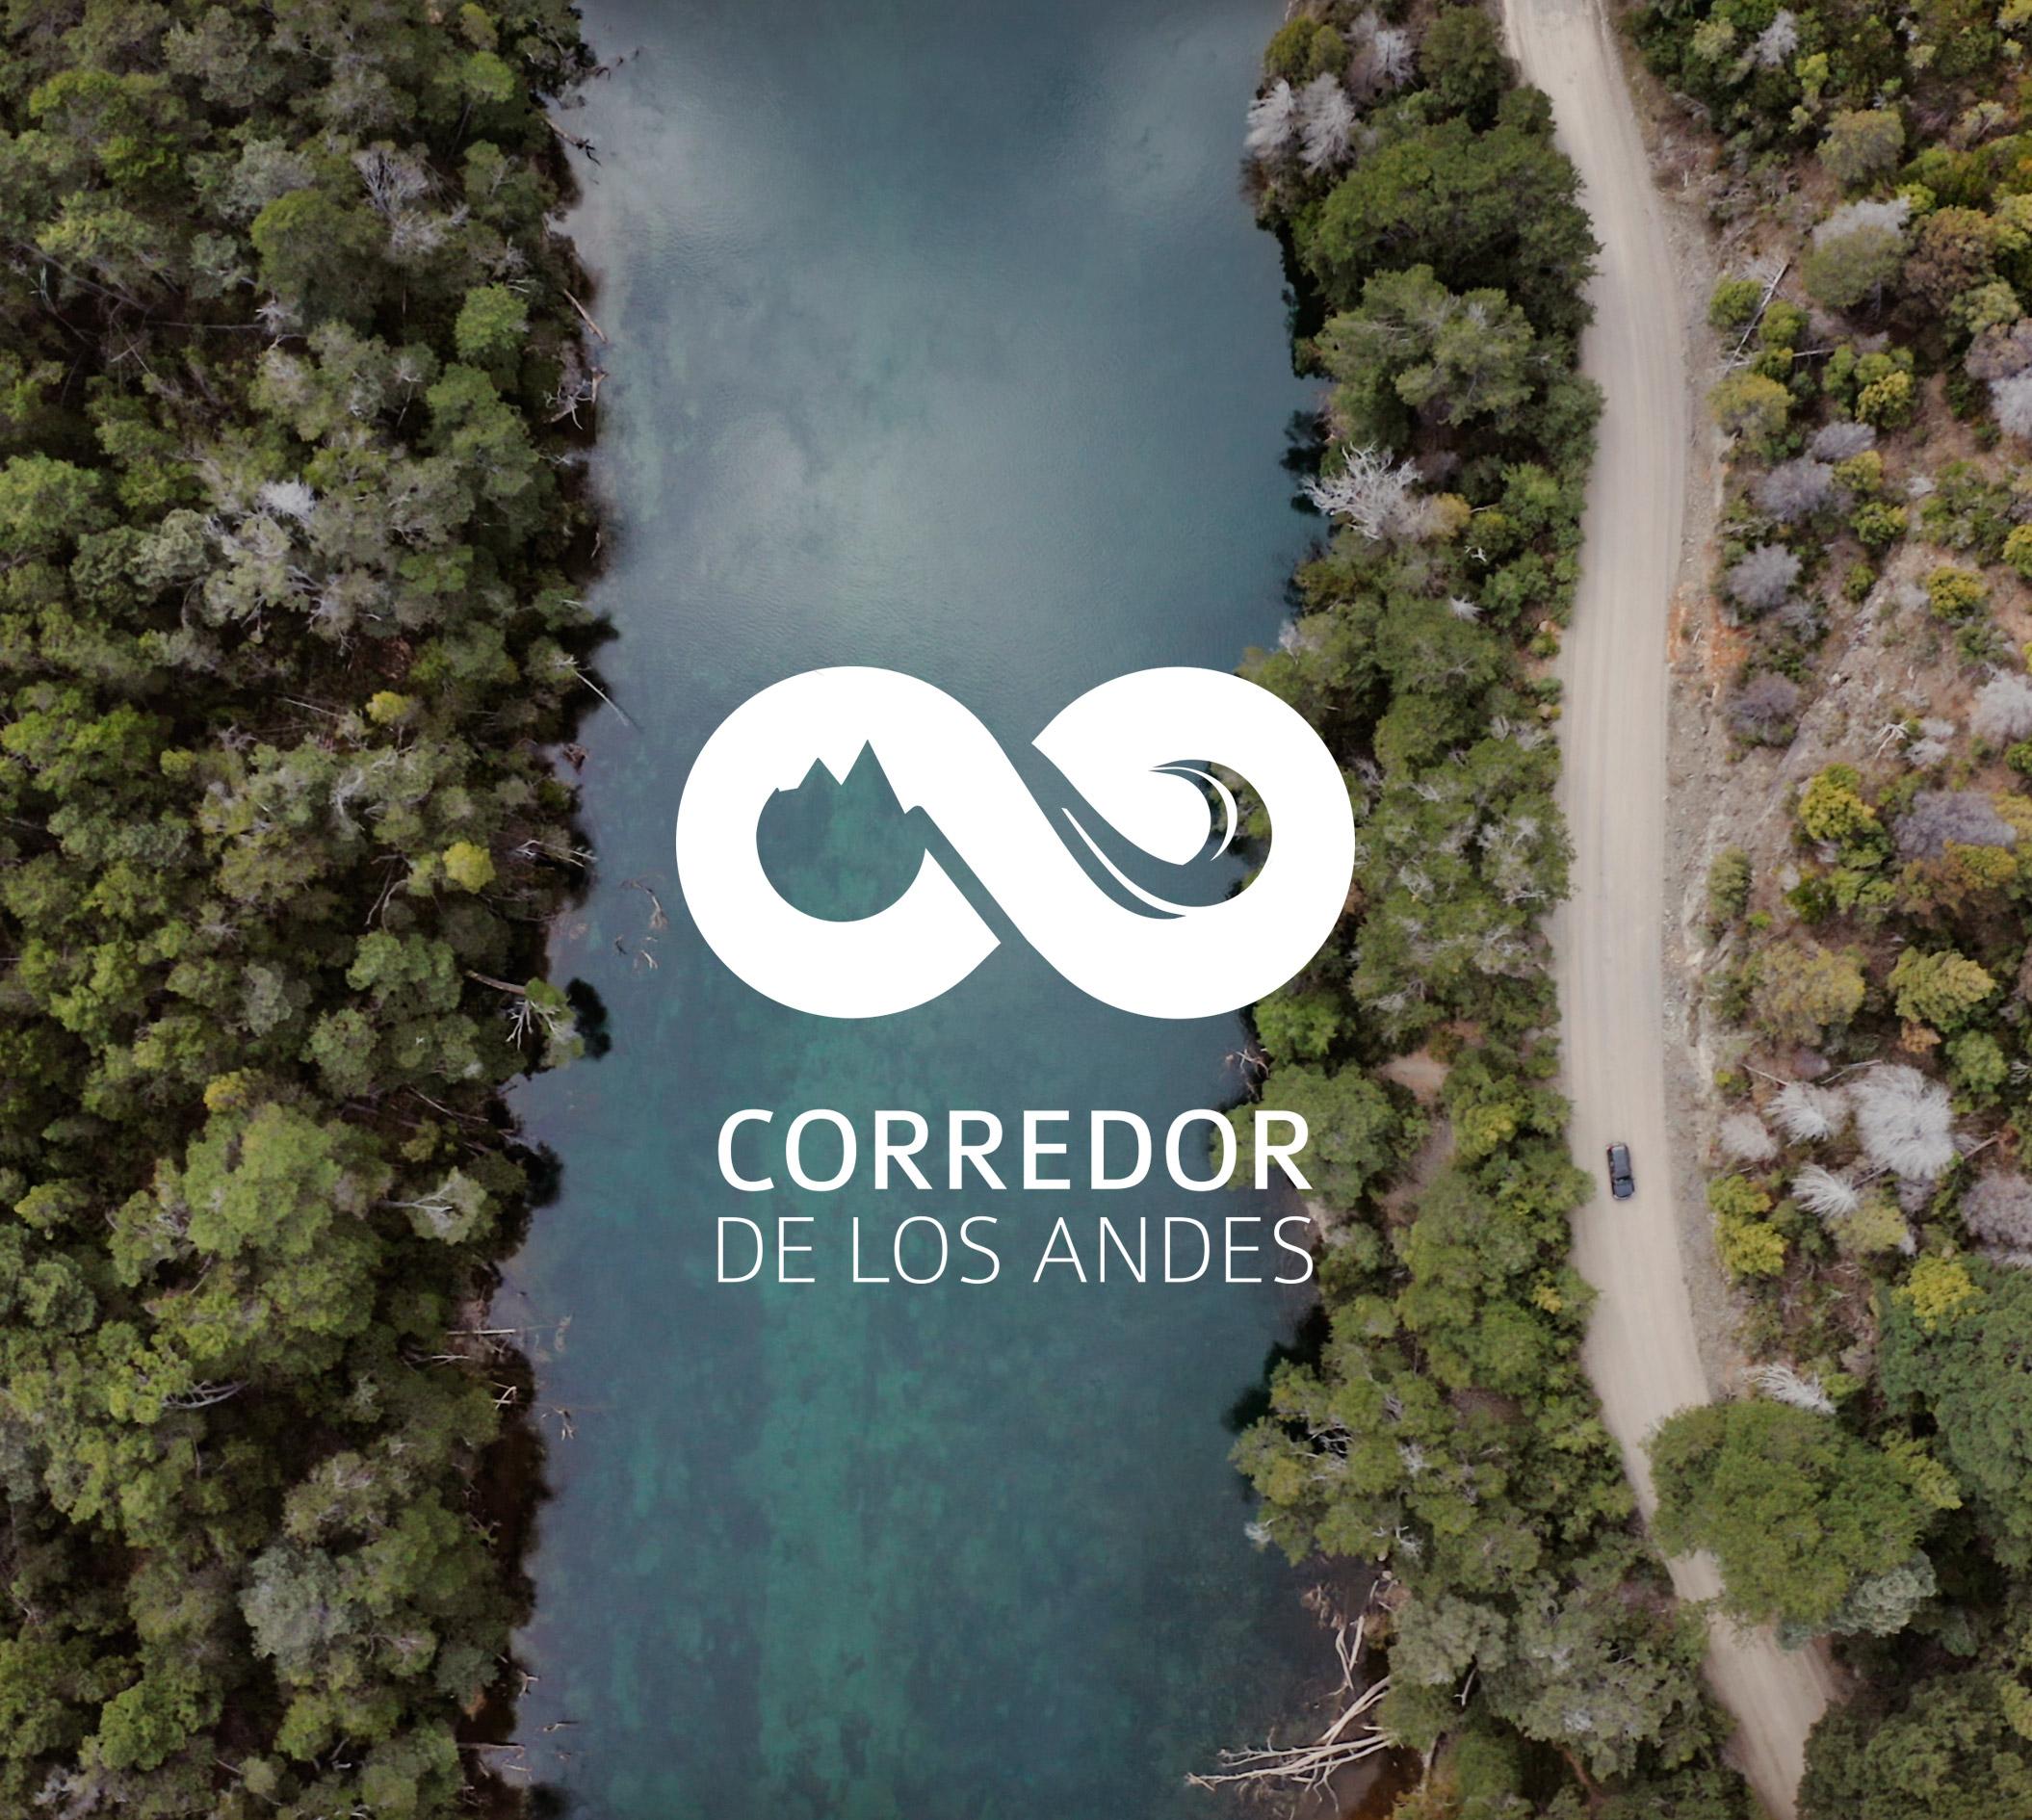 CORREDOR DE LOS ANDES